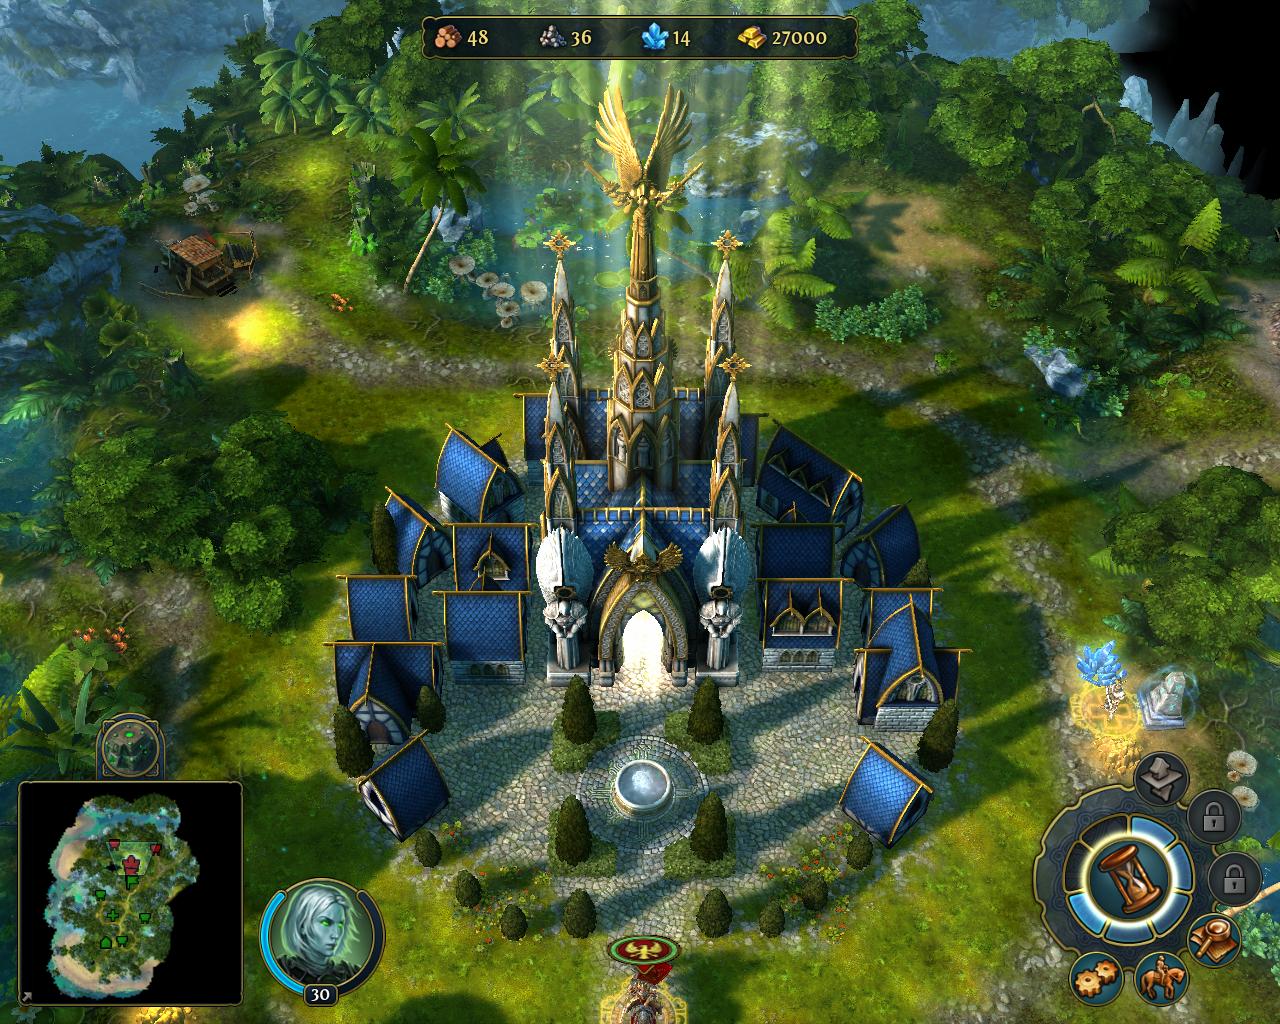 Скачать игру герои меча и магии 6 (2012) на pc через торрент.